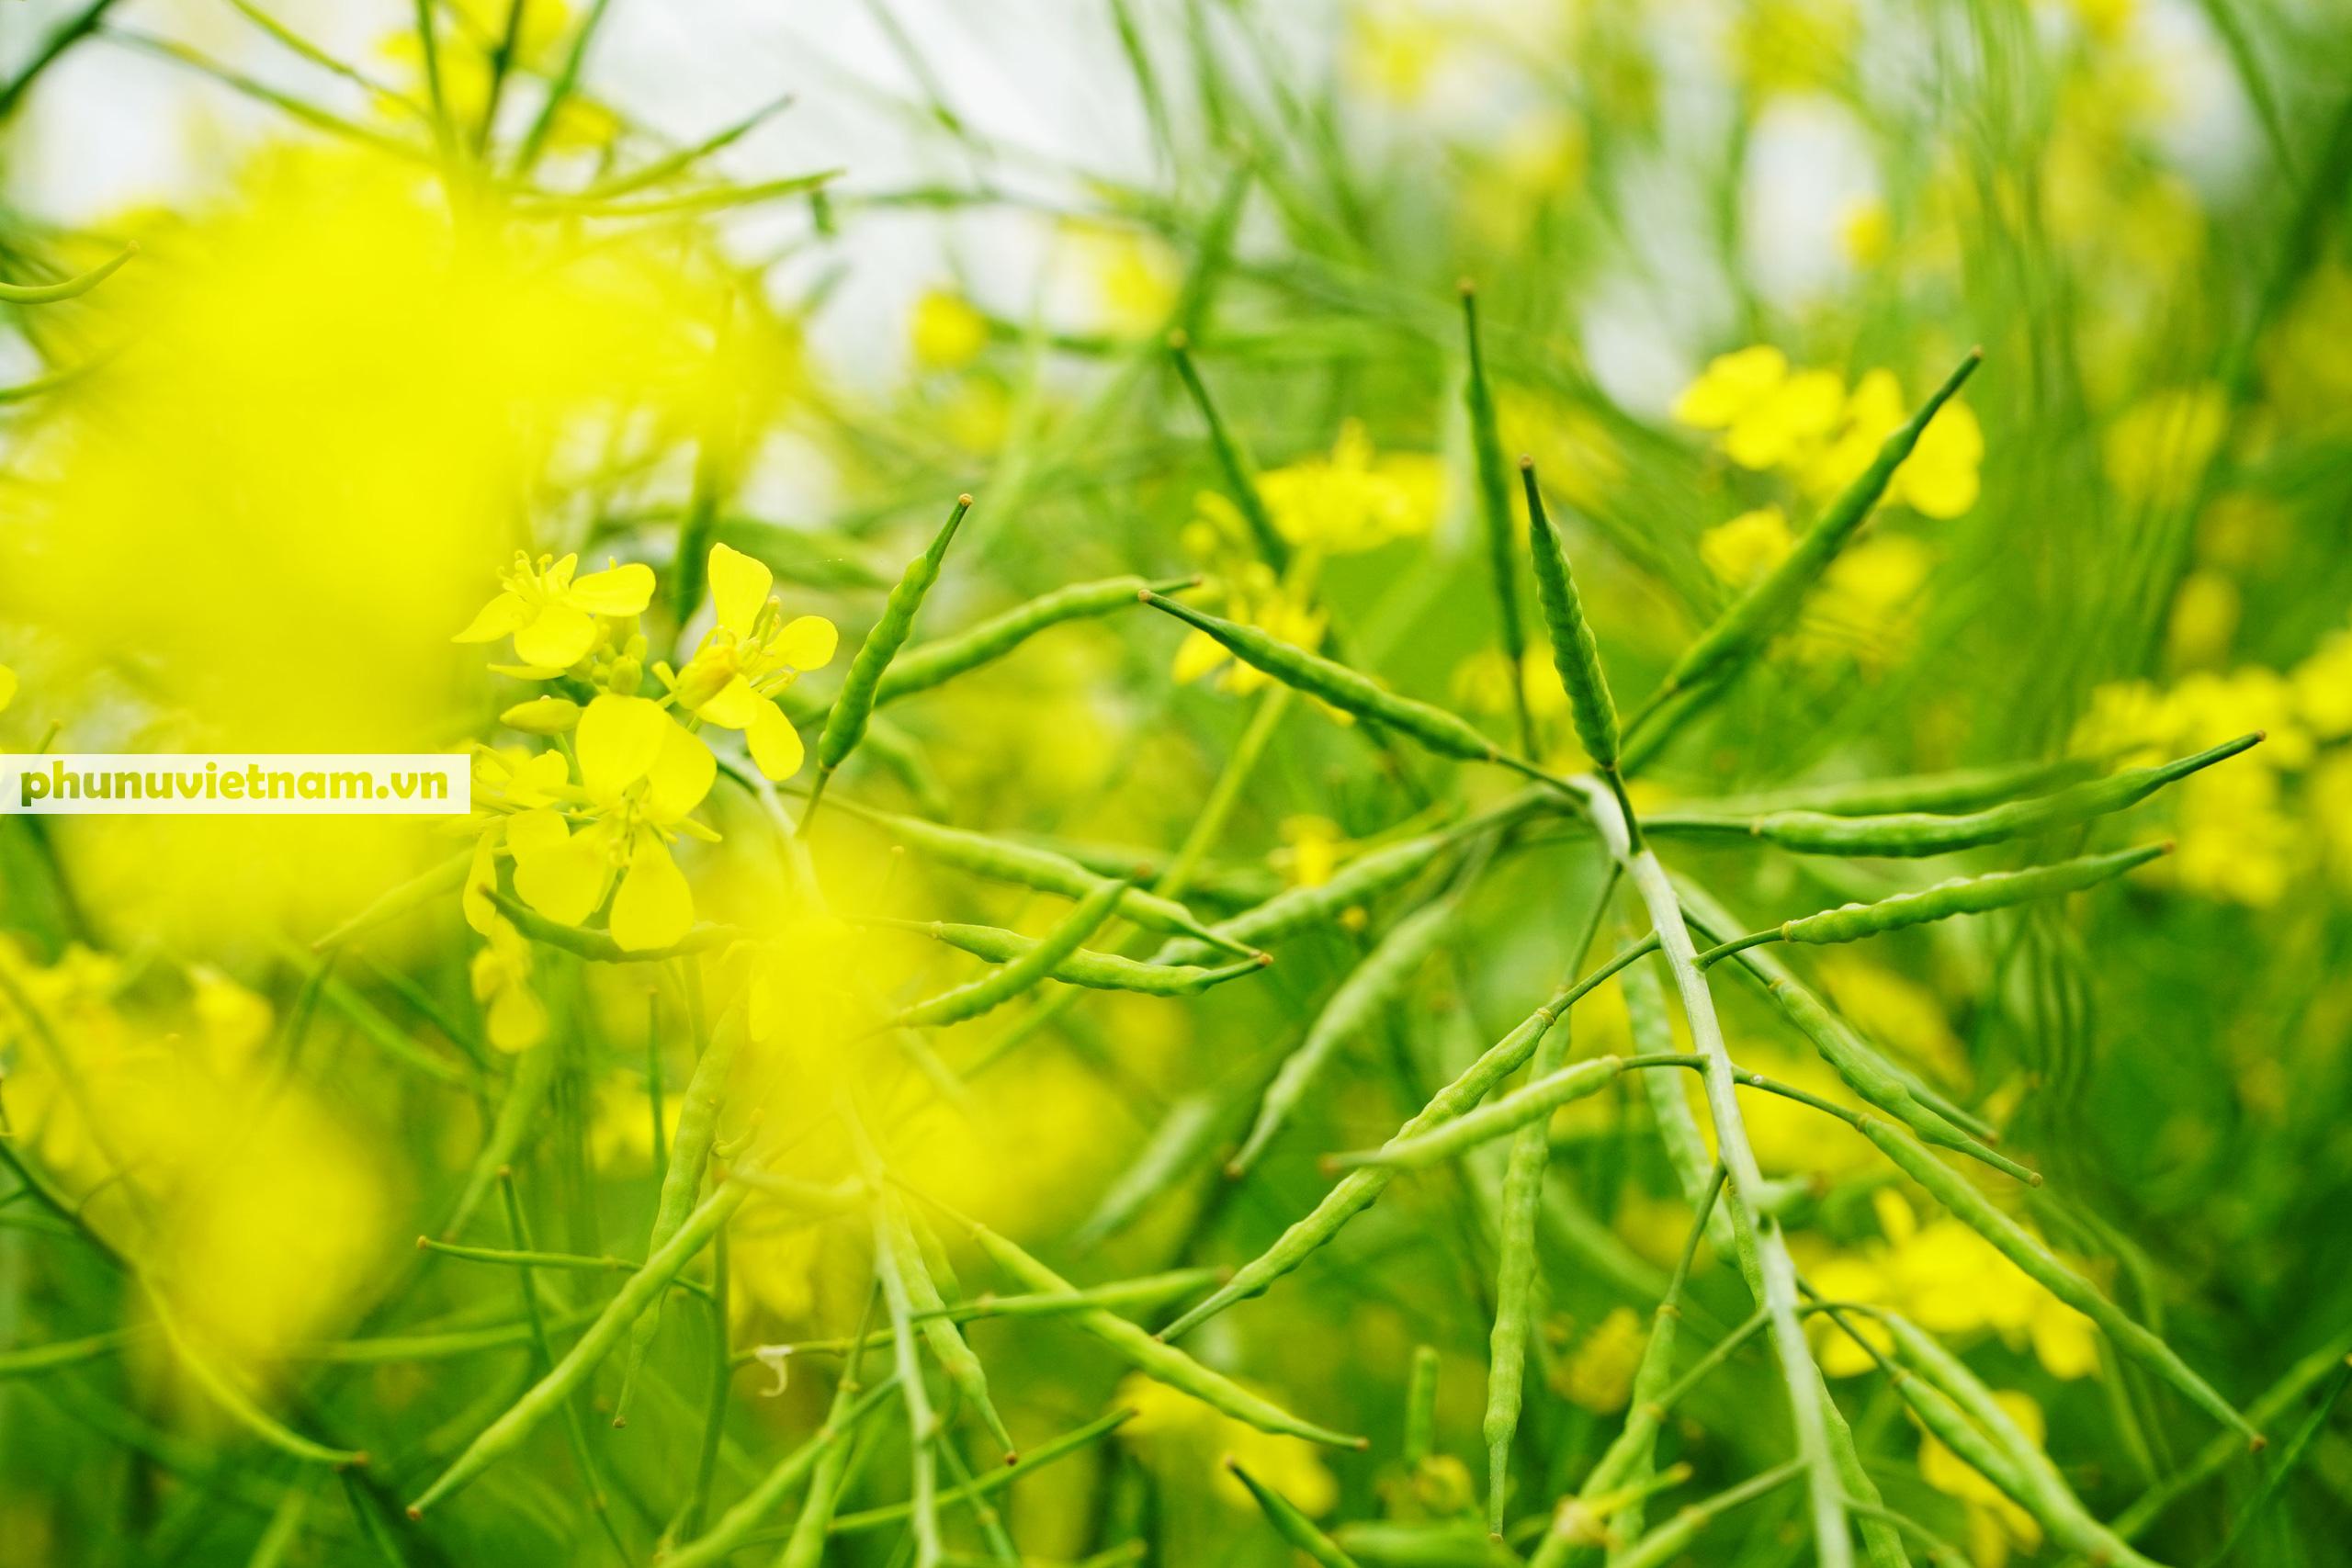 Thiếu nữ áo trắng đẹp hút lòng người trên cánh đồng hoa cải vàng ở Chi Đông - Ảnh 13.